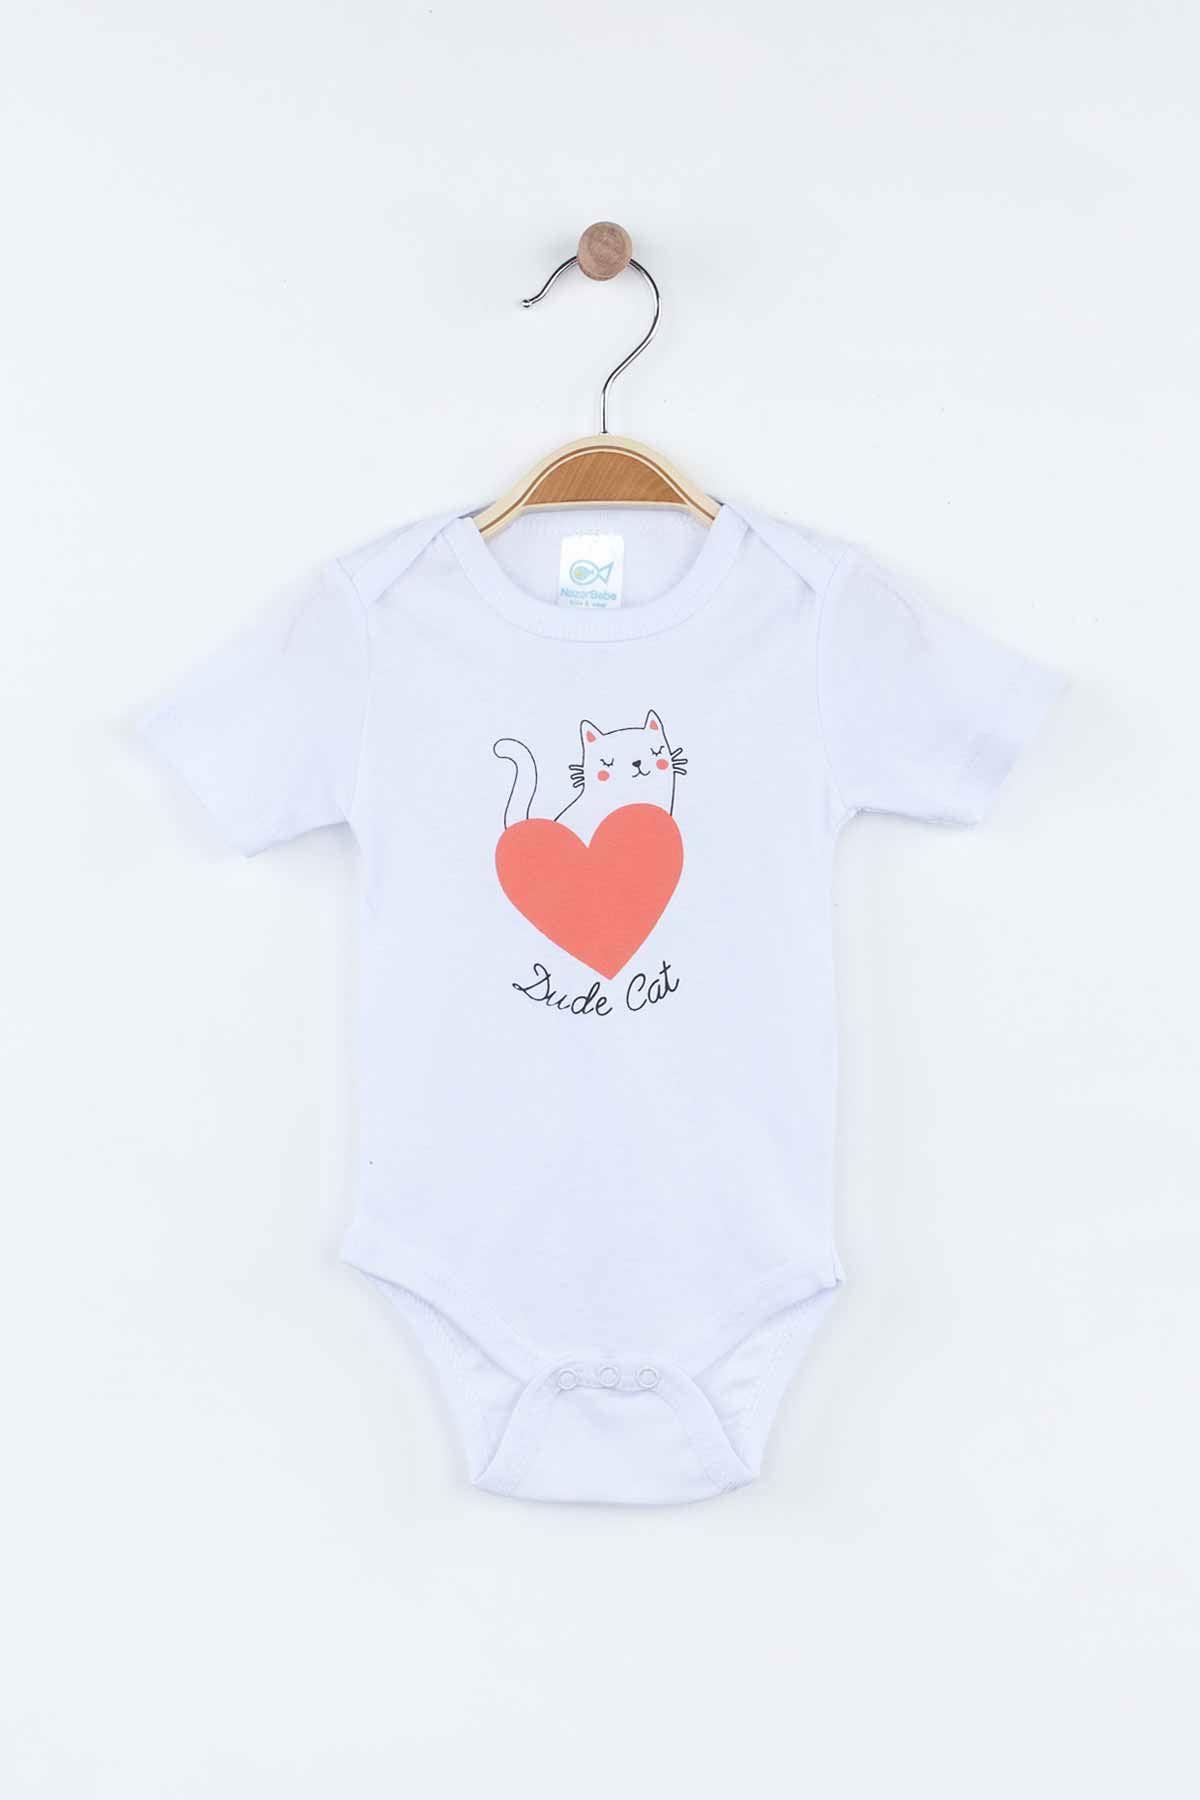 Turuncu Mevsimlik Kız Bebek Badili Takım